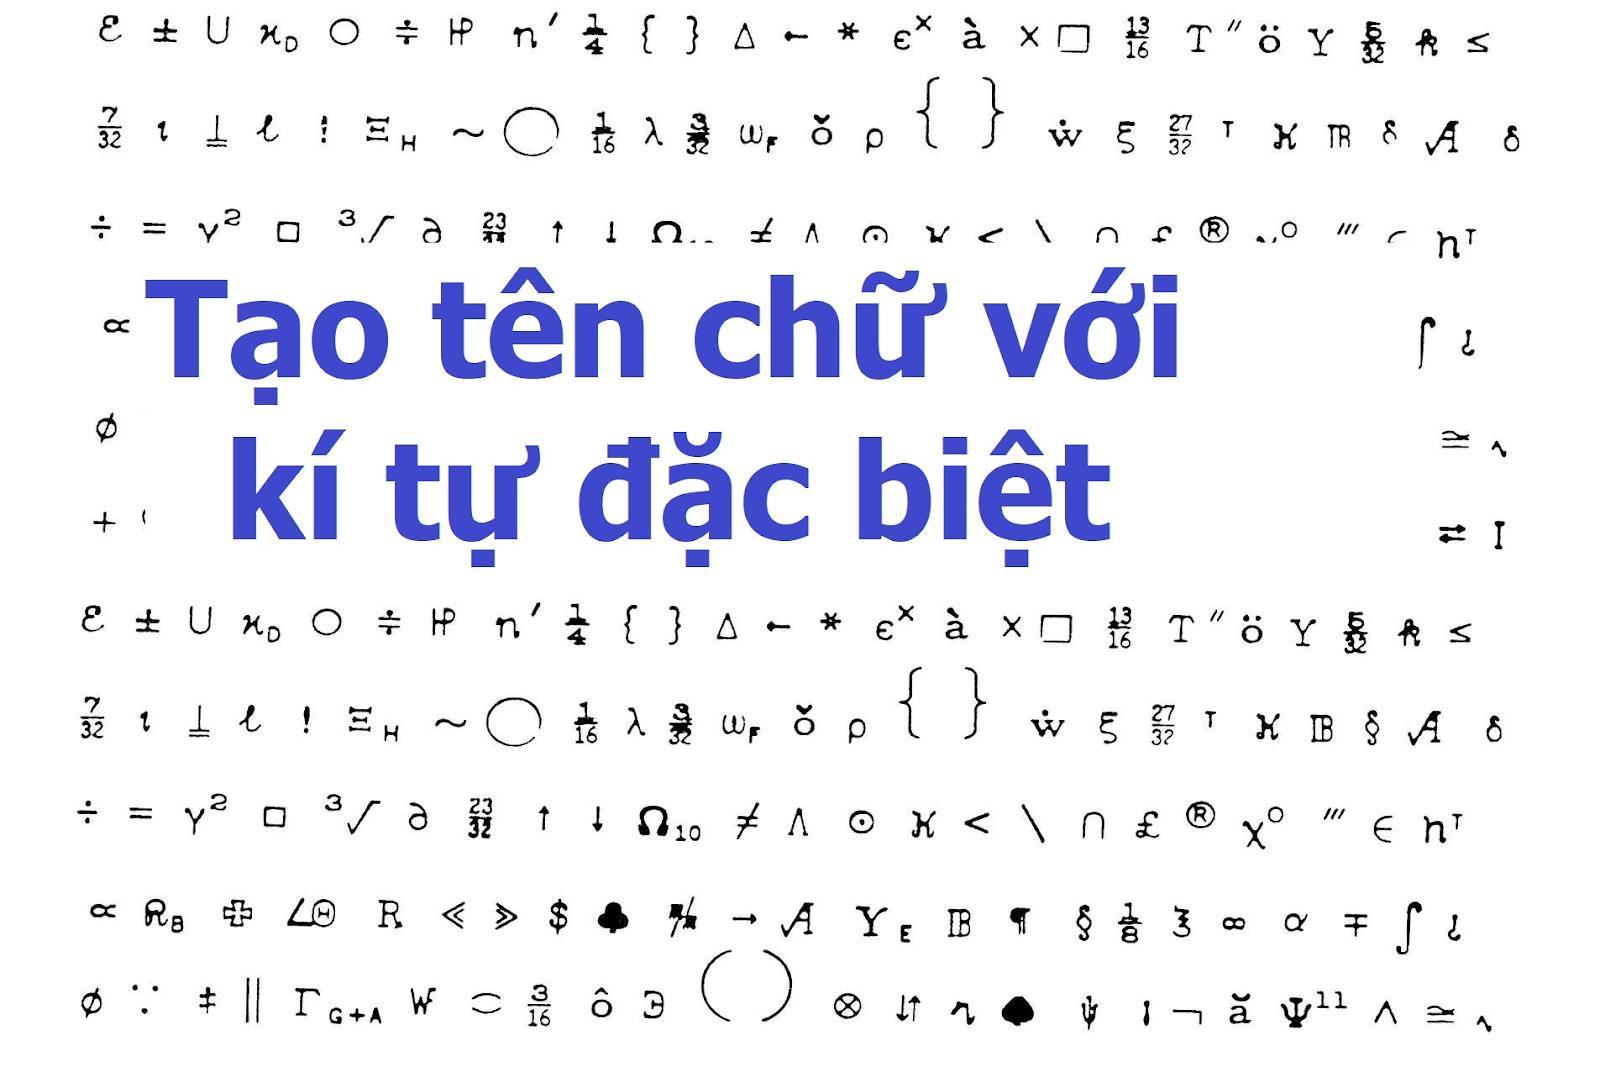 Cách tạo Kí tự đặc biệt ff siêu đơn giản với Tuongquan.vn - Ảnh 3